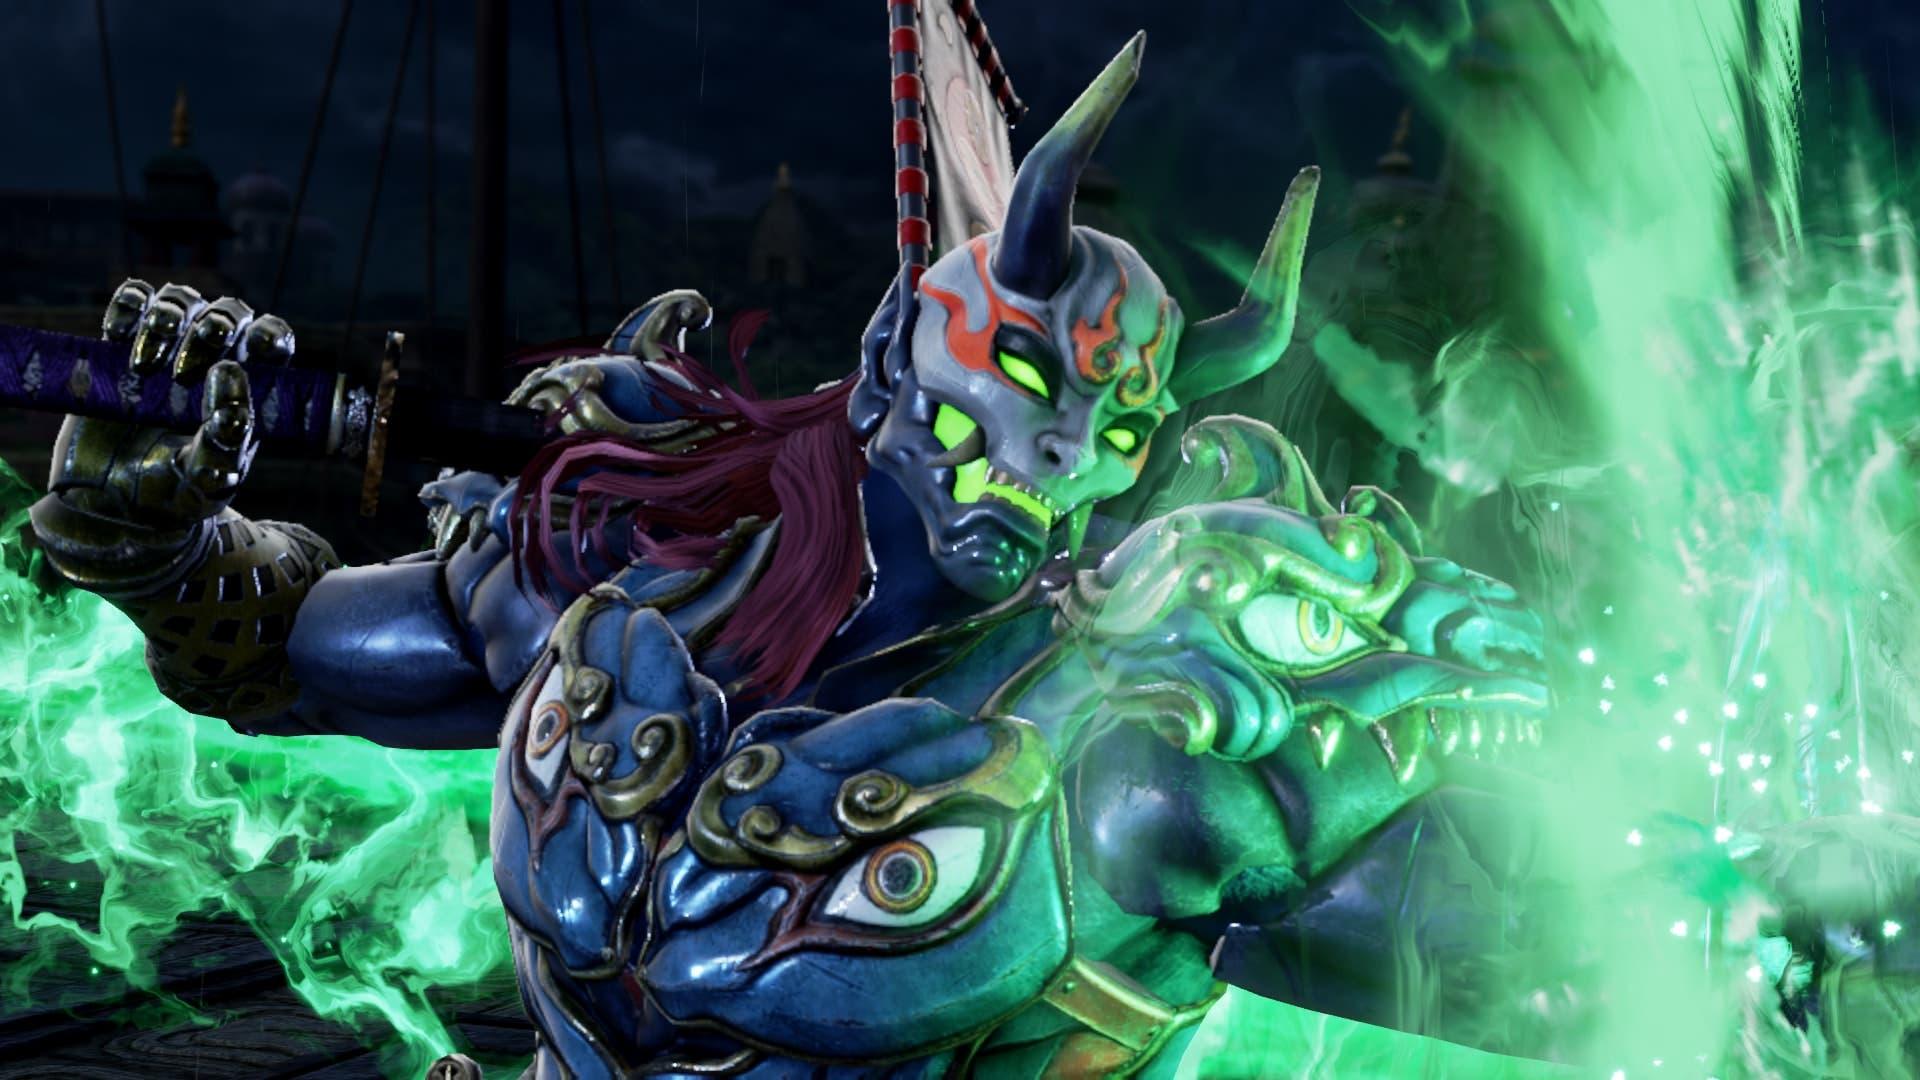 Imagen de SoulCalibur VI muestra su jugabilidad en nuevos gameplays de combates